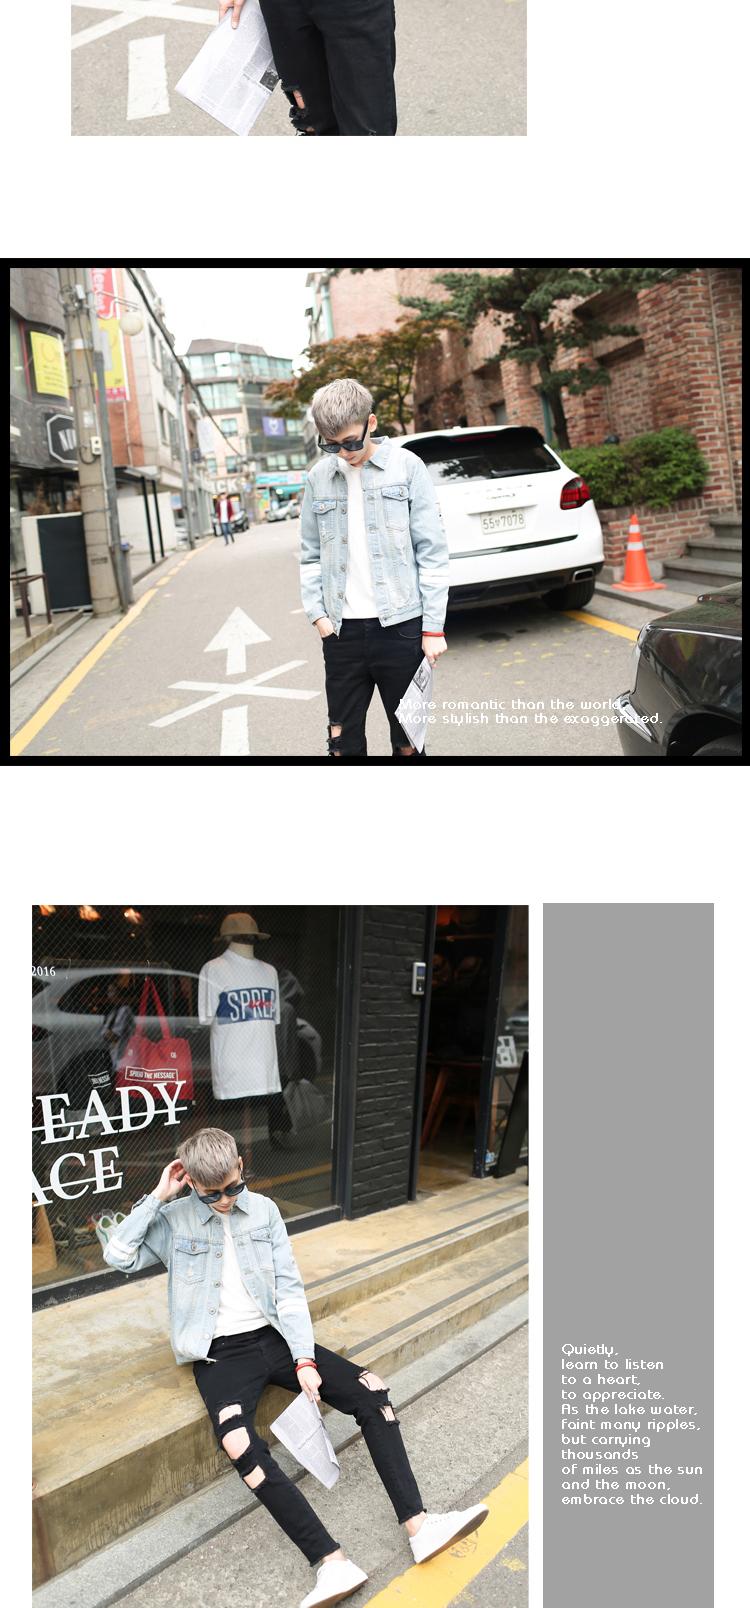 Mùa xuân và Mùa Thu Nam Áo Khoác Mỏng Áo Khoác Hàn Quốc Slim Sinh Viên Bình Thường Denim Jacket Trendy Joker